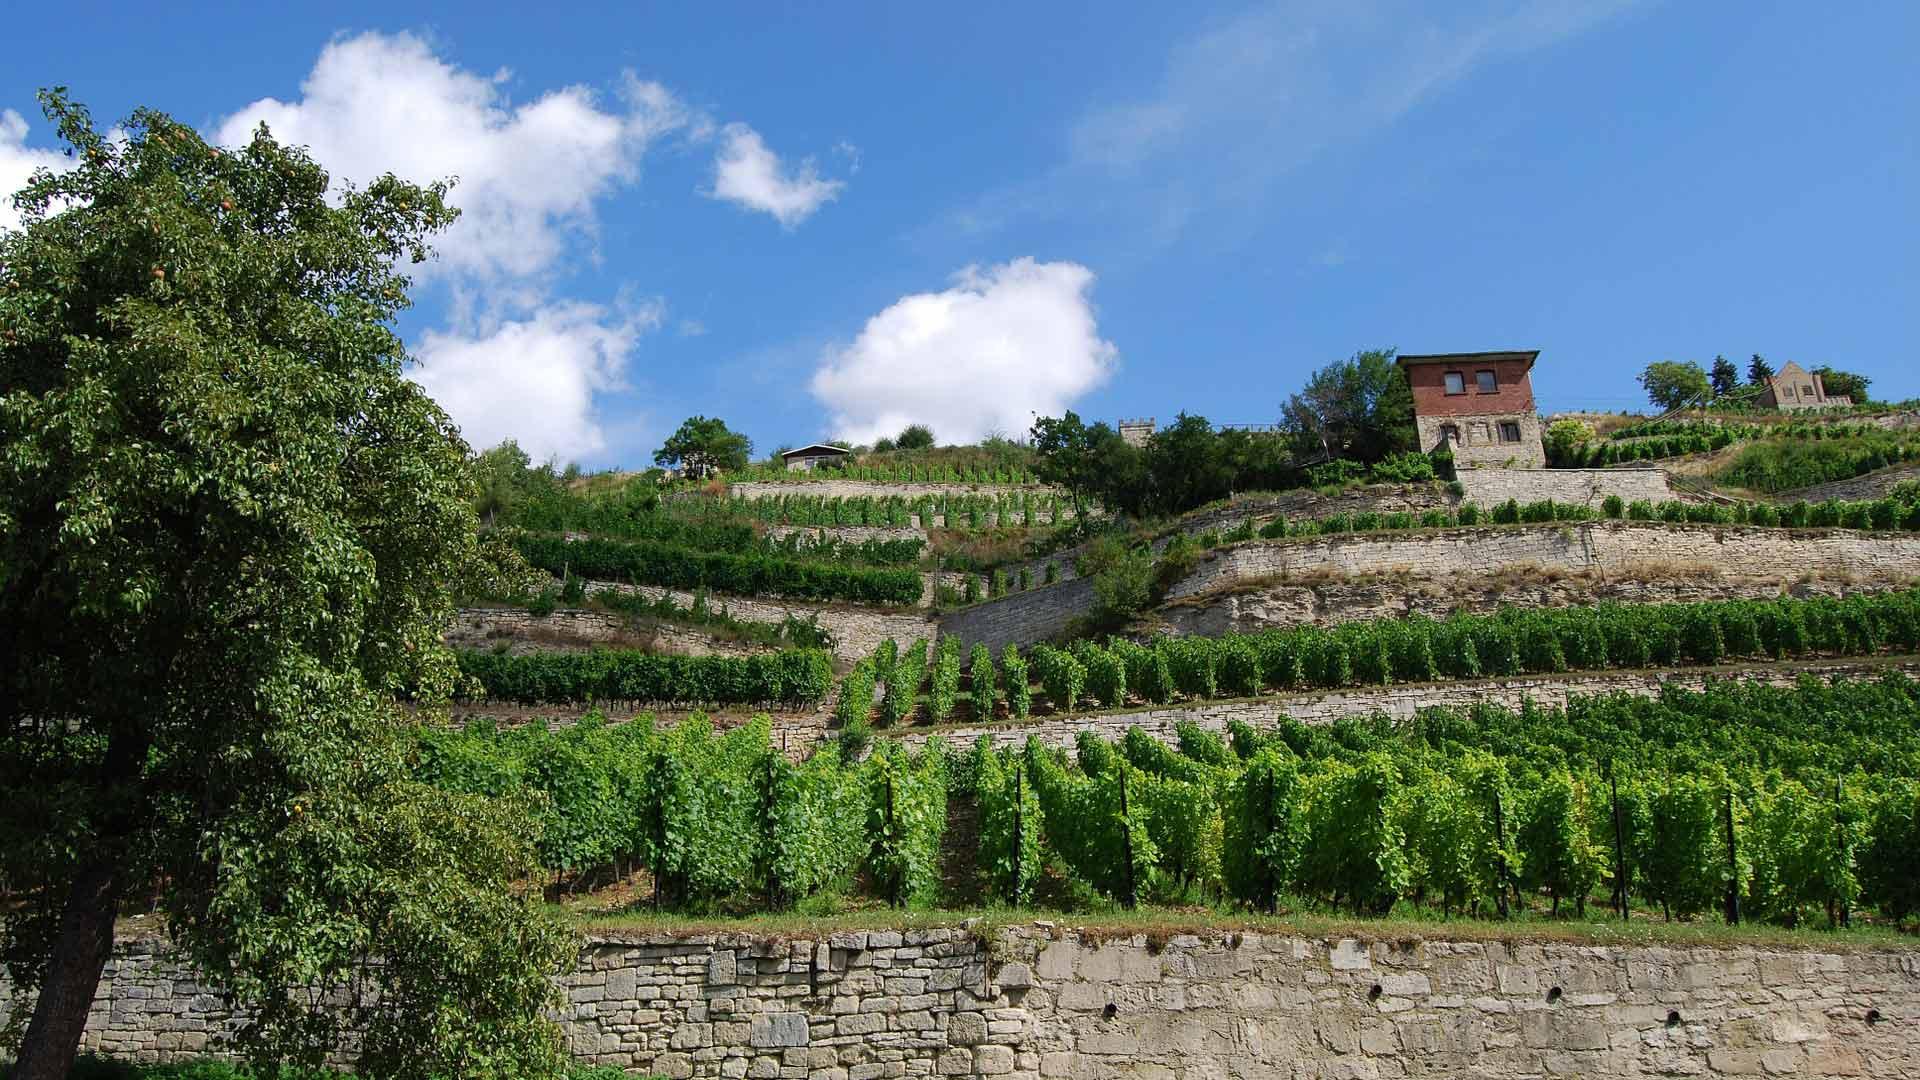 De wijnbergen bij Freyburg maken deel uit van het wijngebied Unstrut.